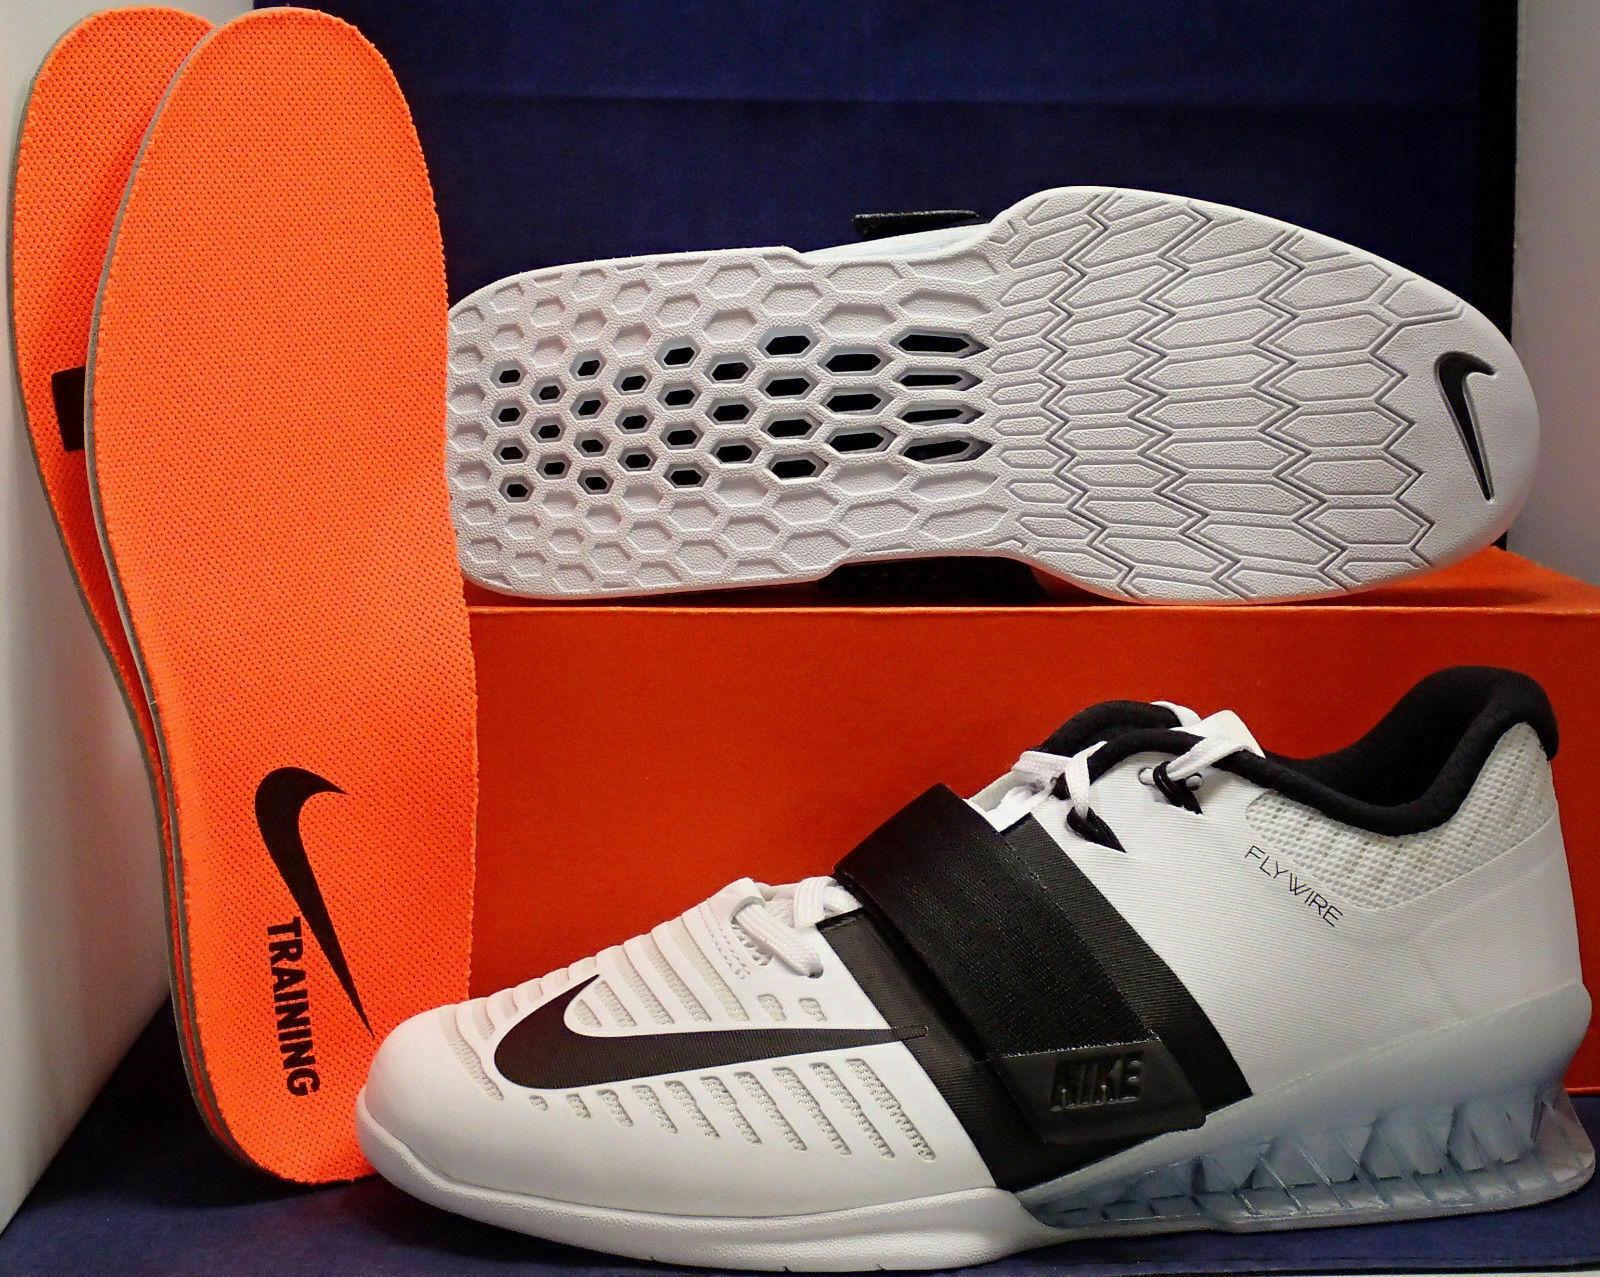 Nike Romaleos 3 Weightlifting Training shoes White Black (852933-101) Sz 12